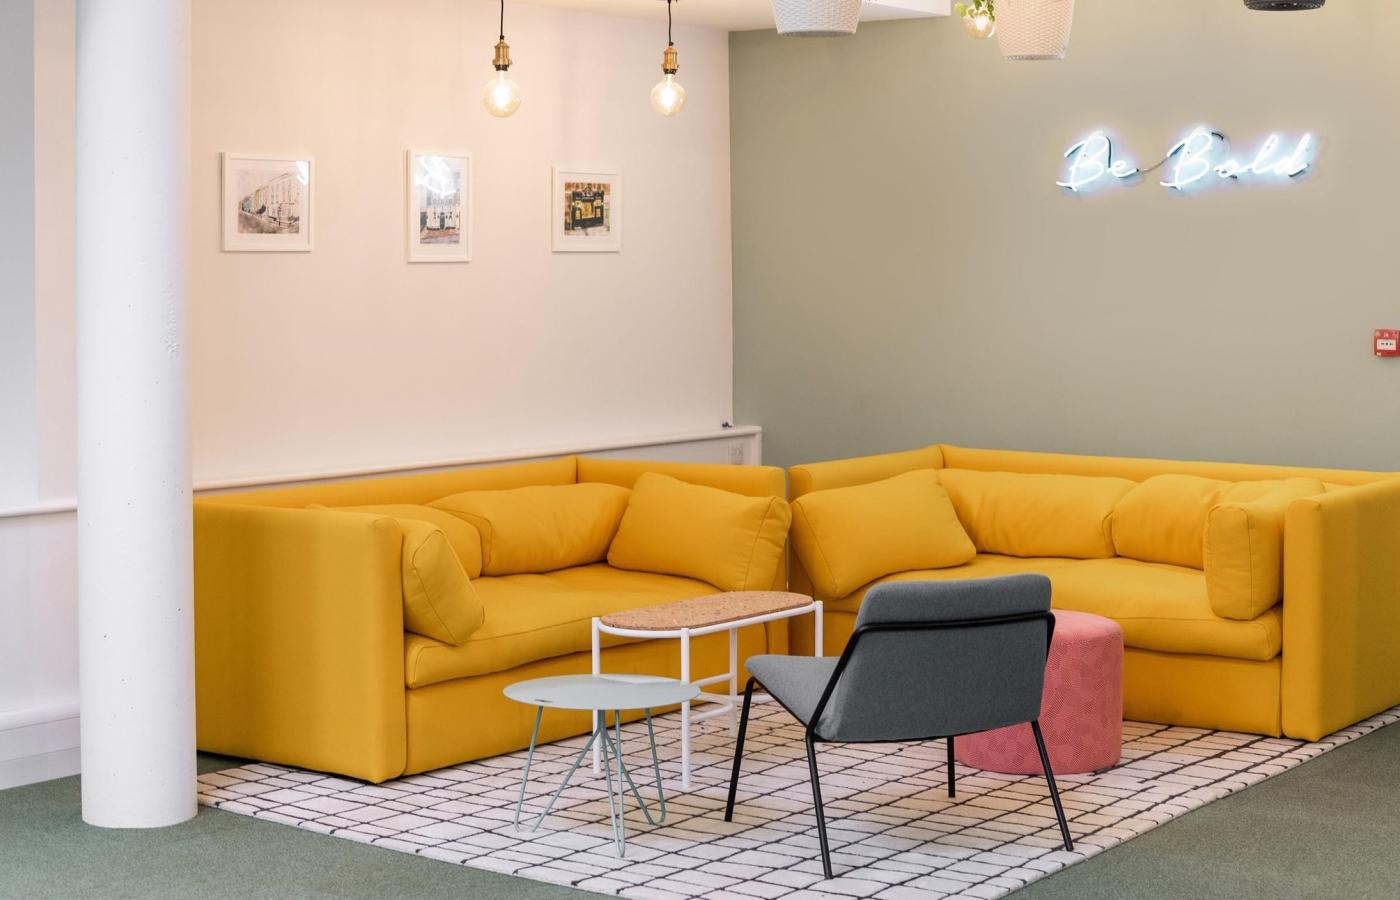 Sling Lounge